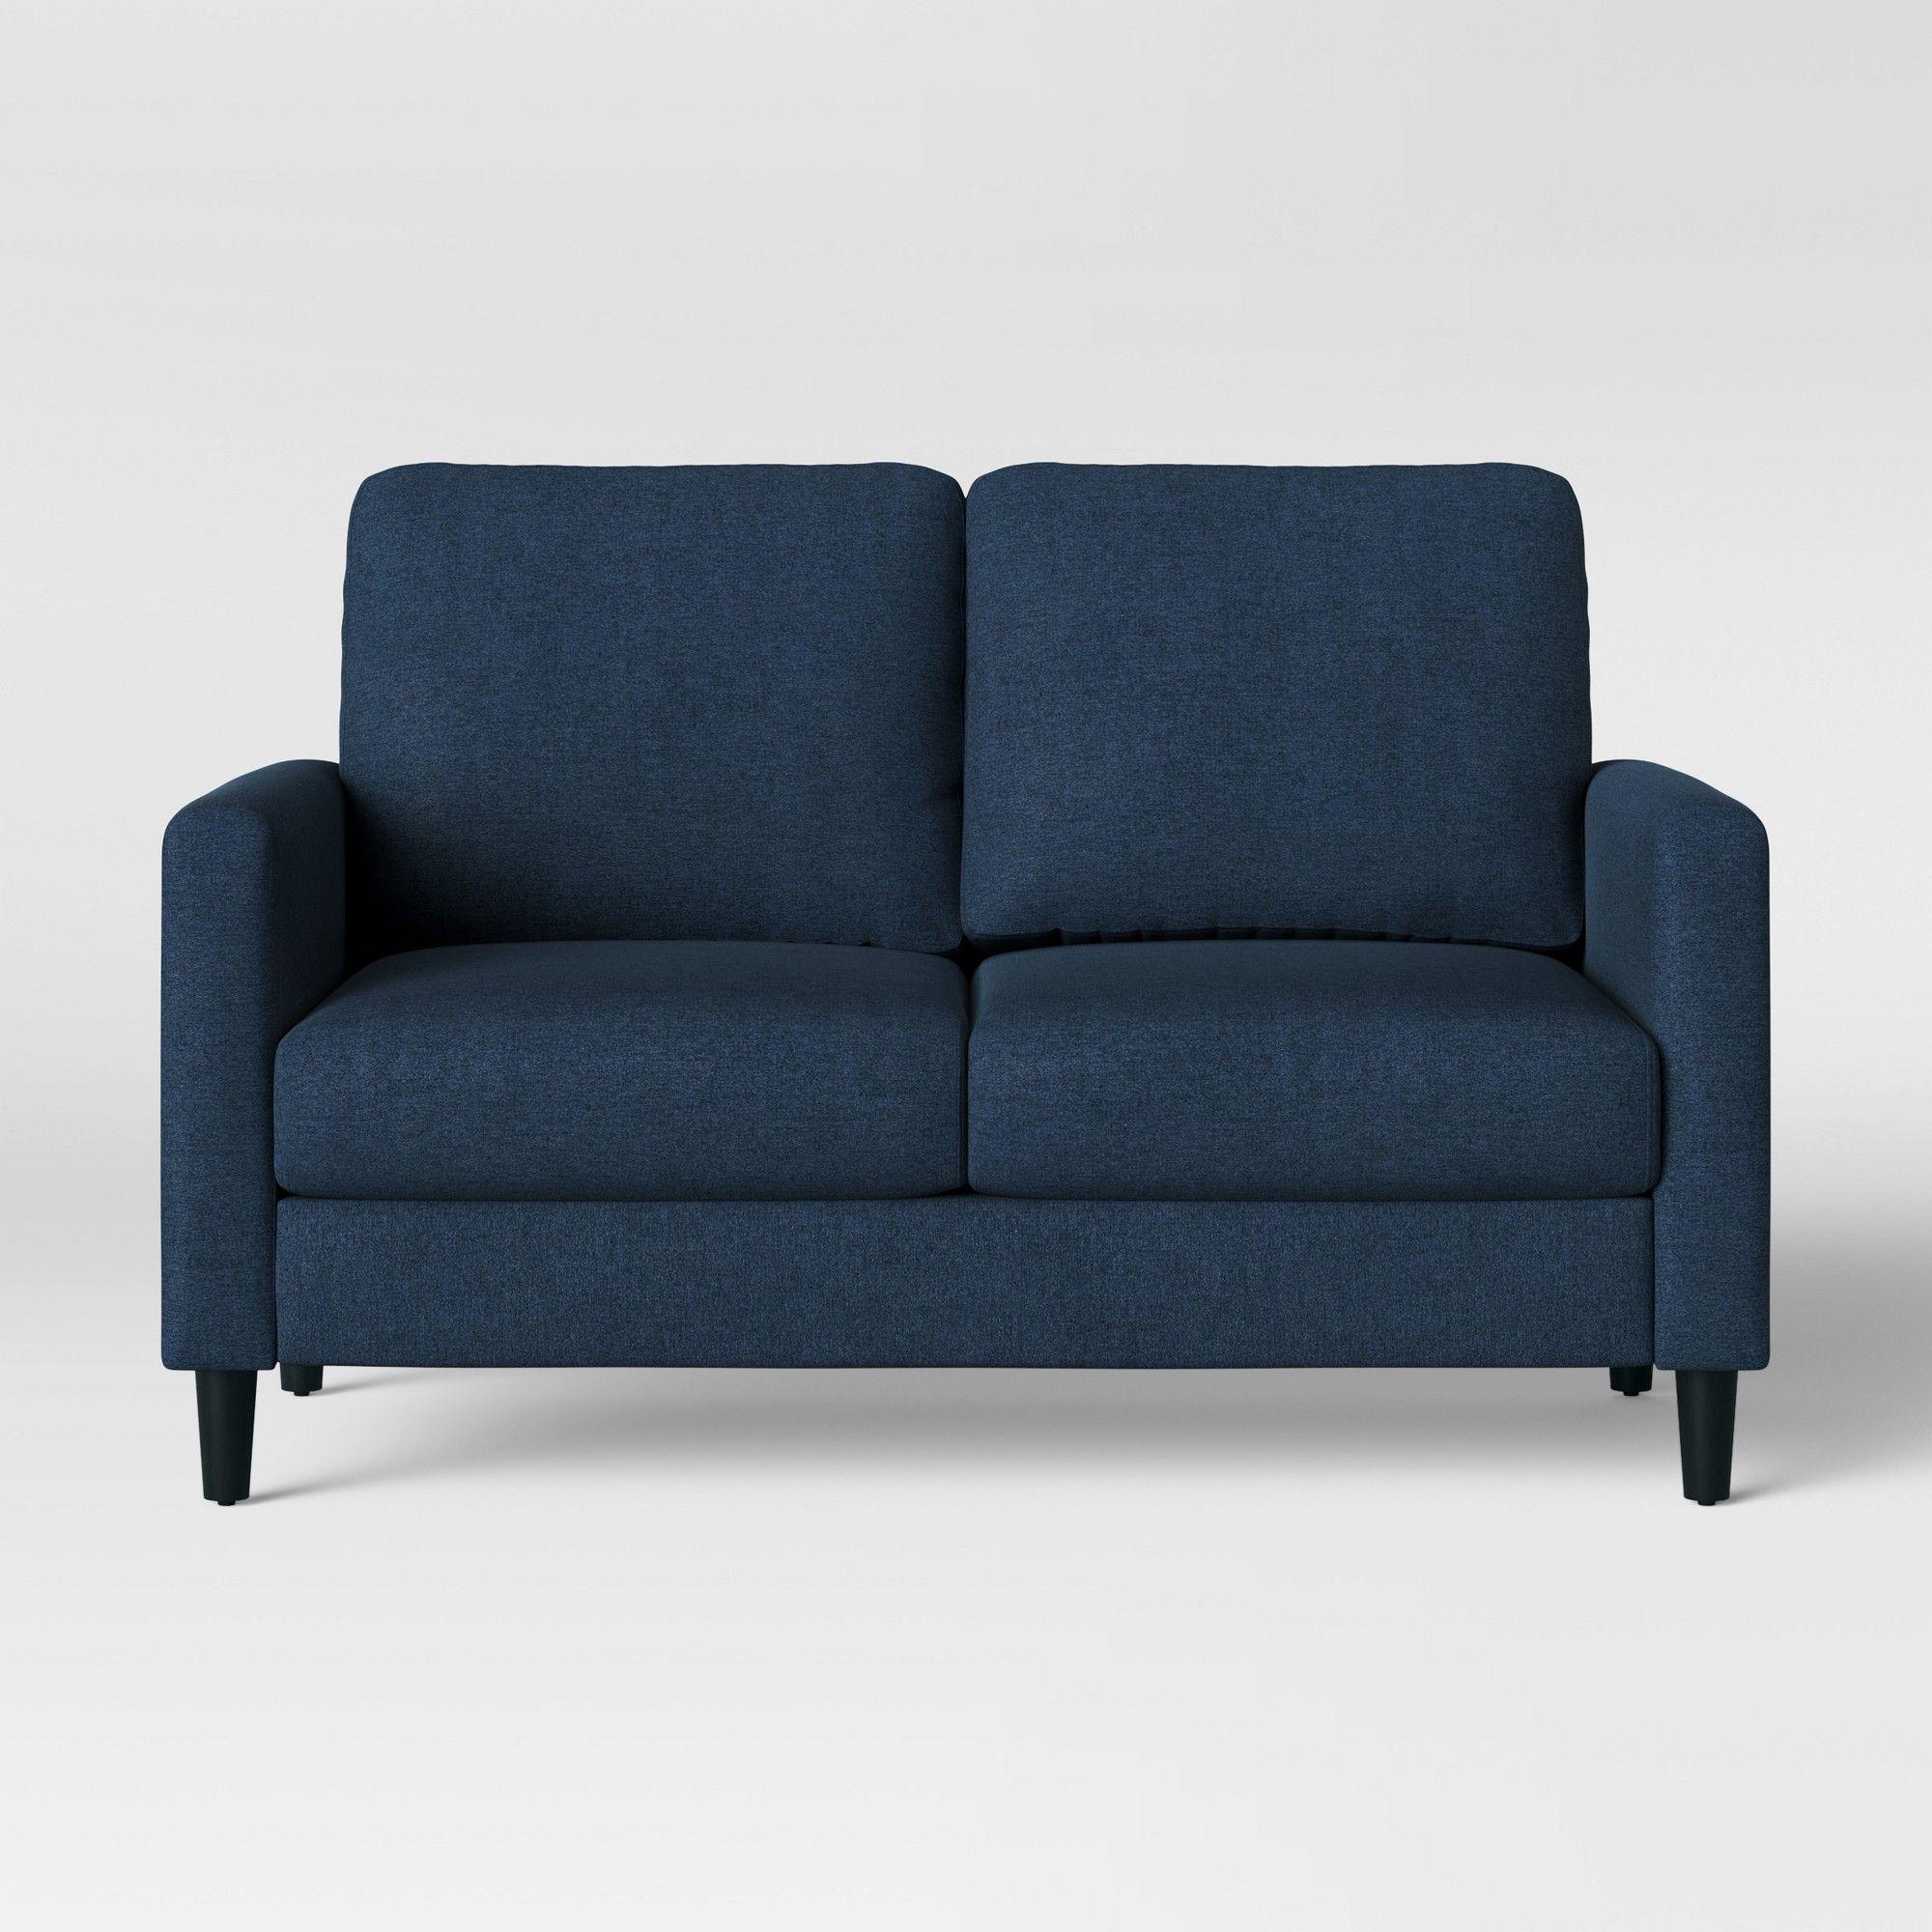 The San Marino Ebony Sofa And Loveseat Available